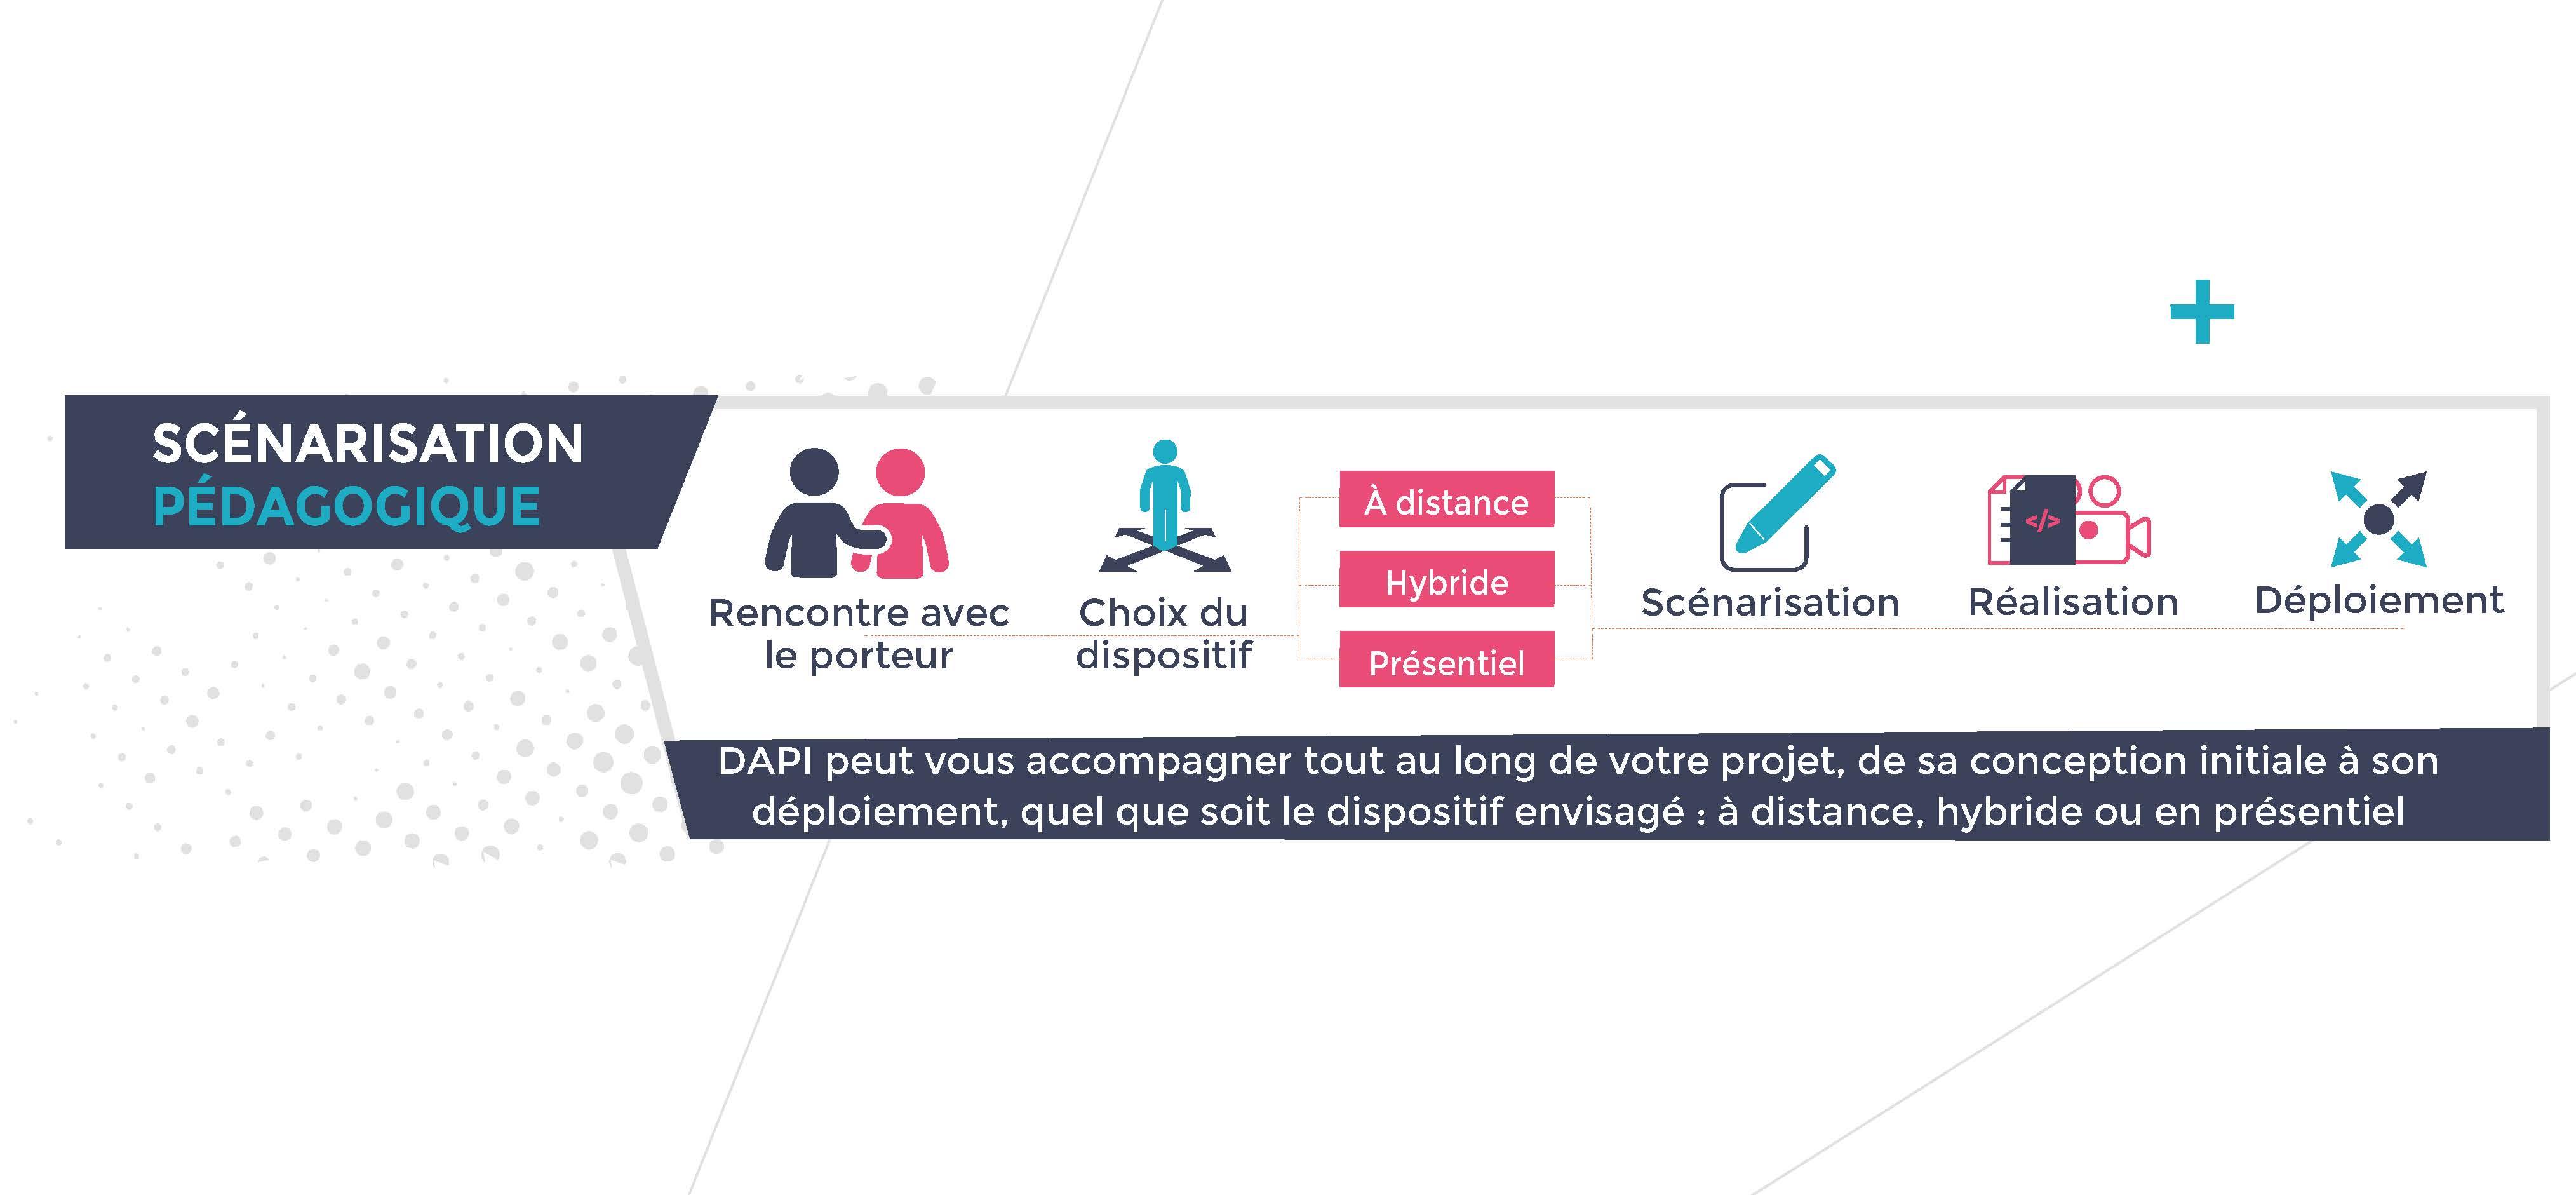 Schéma des étapes de la scénarisation pédagogique